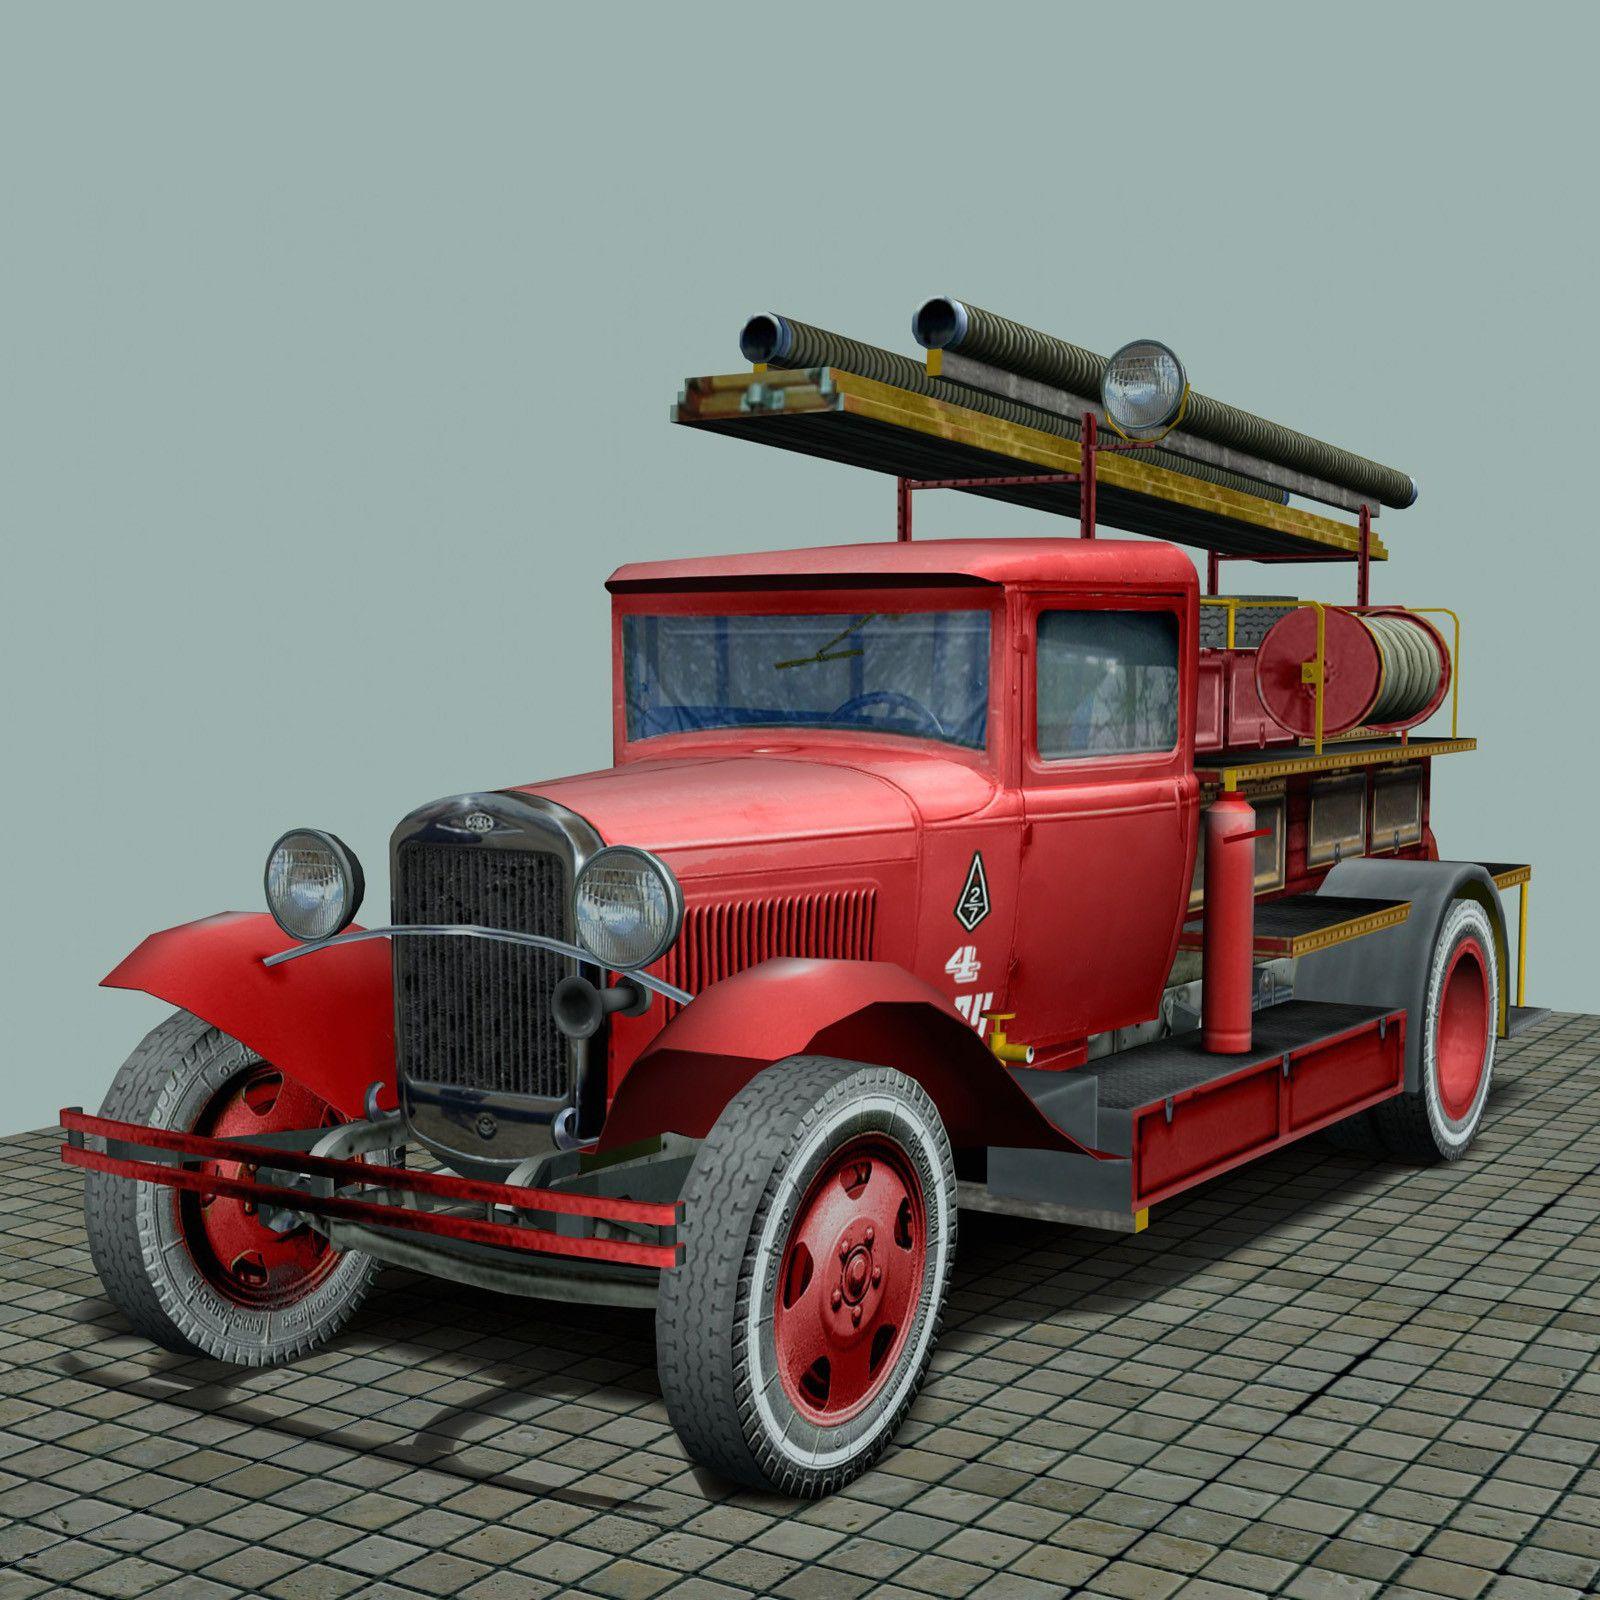 free truck pmg 1 type 3d model fire truck | Papercraft